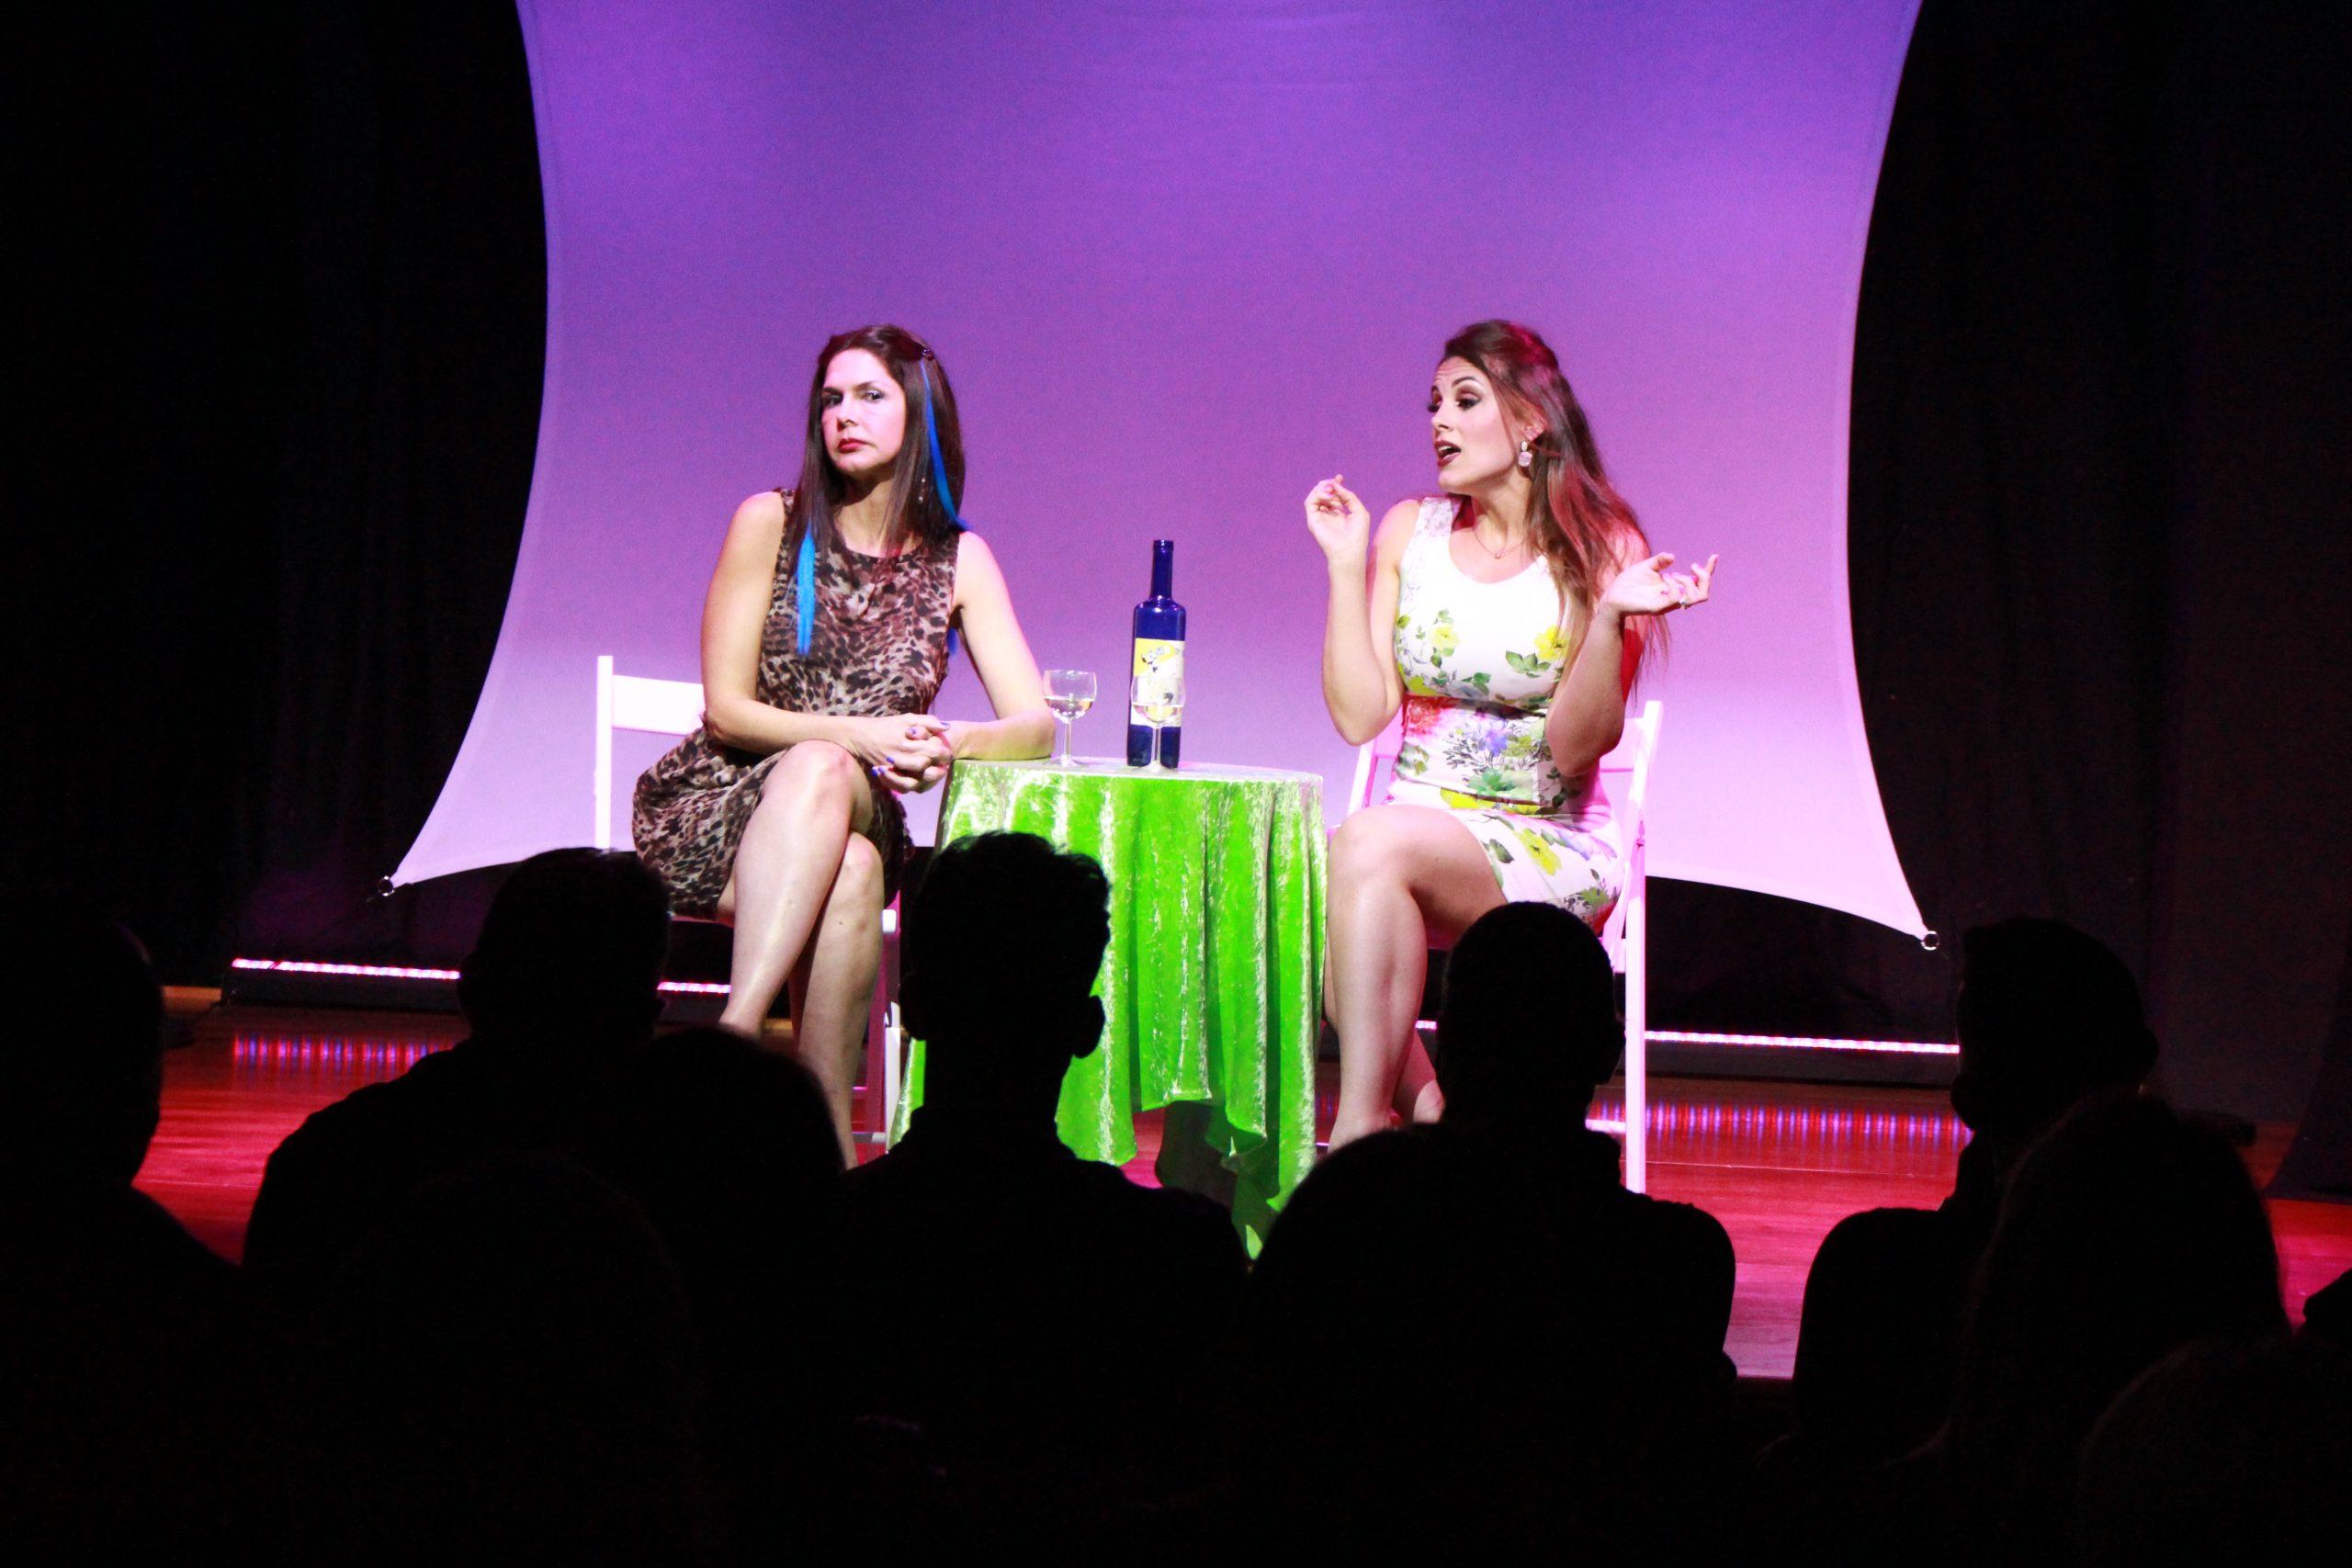 L`incanto Espacio Cultural, en Santa Cruz, cumple dos años de actuaciones teatrales, musicales, magia y talleres